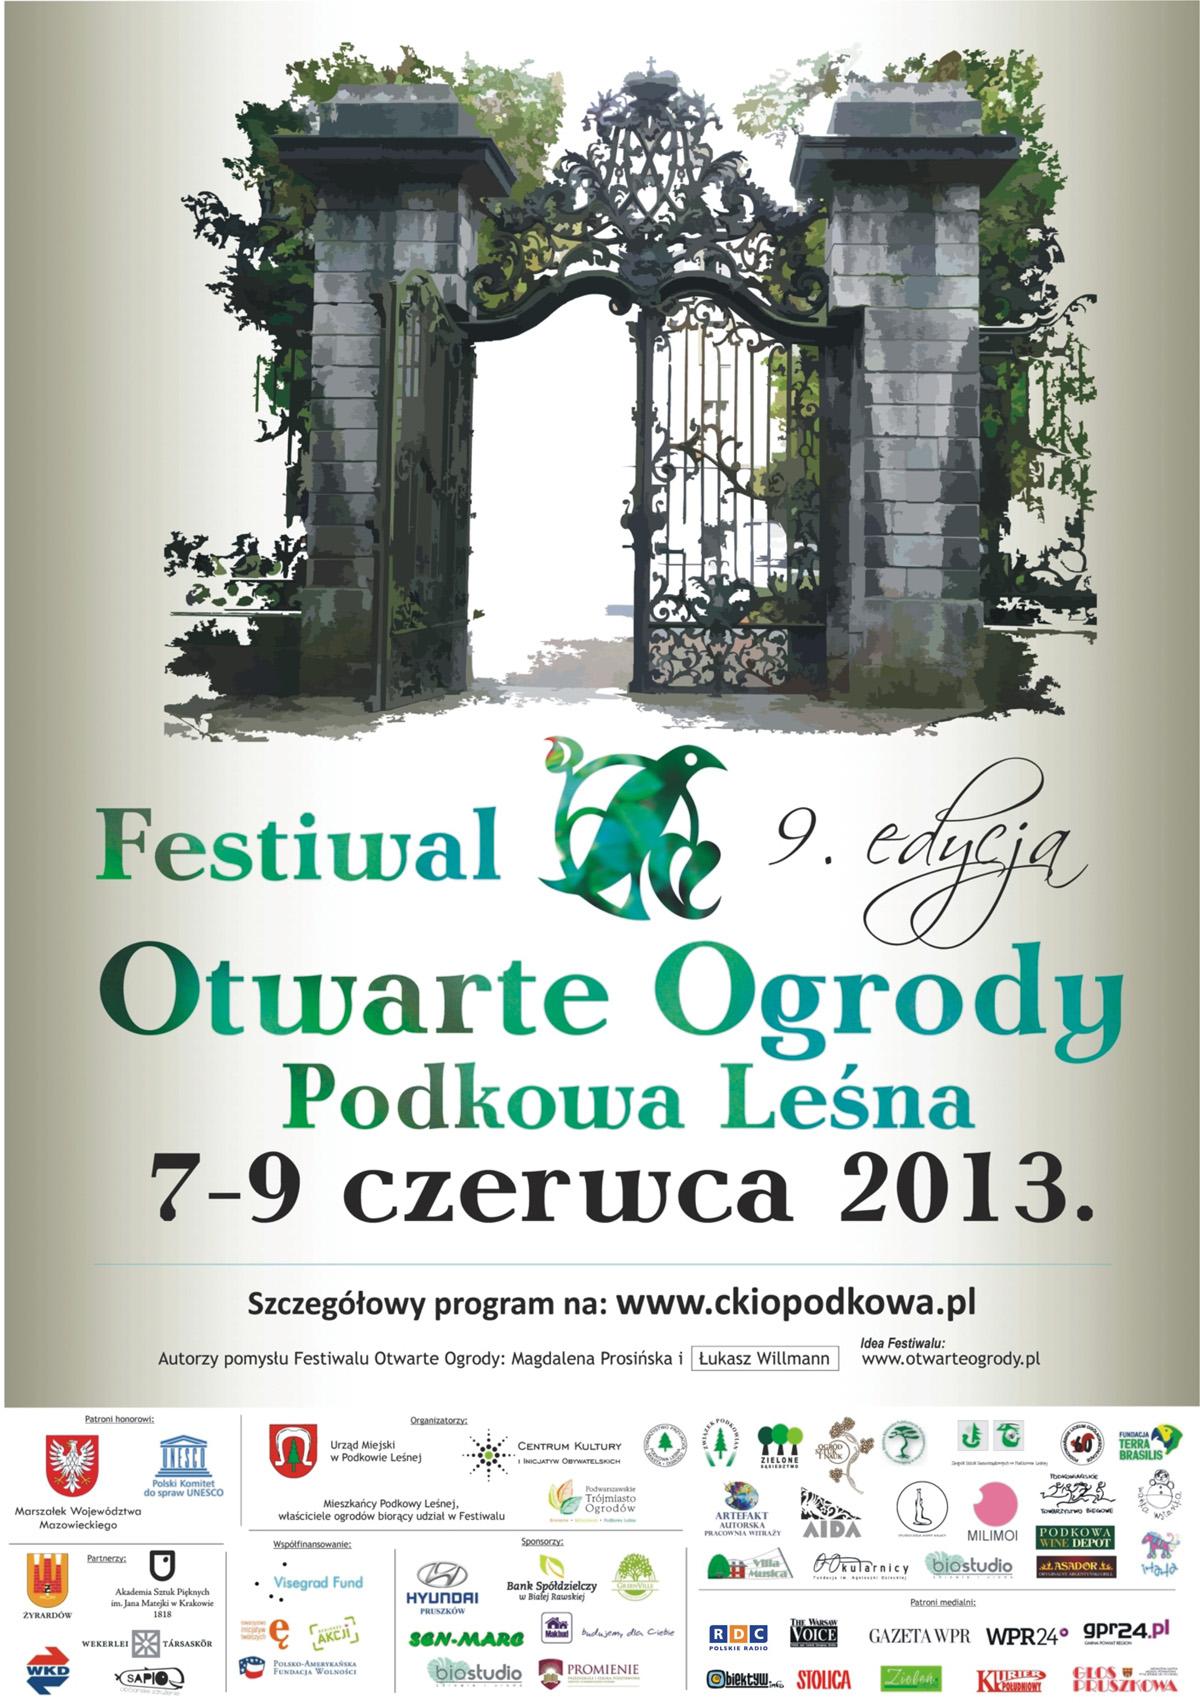 Festiwal Otwarte Ogrody 2013 – 7-9 czerwca Podkowa Leśna